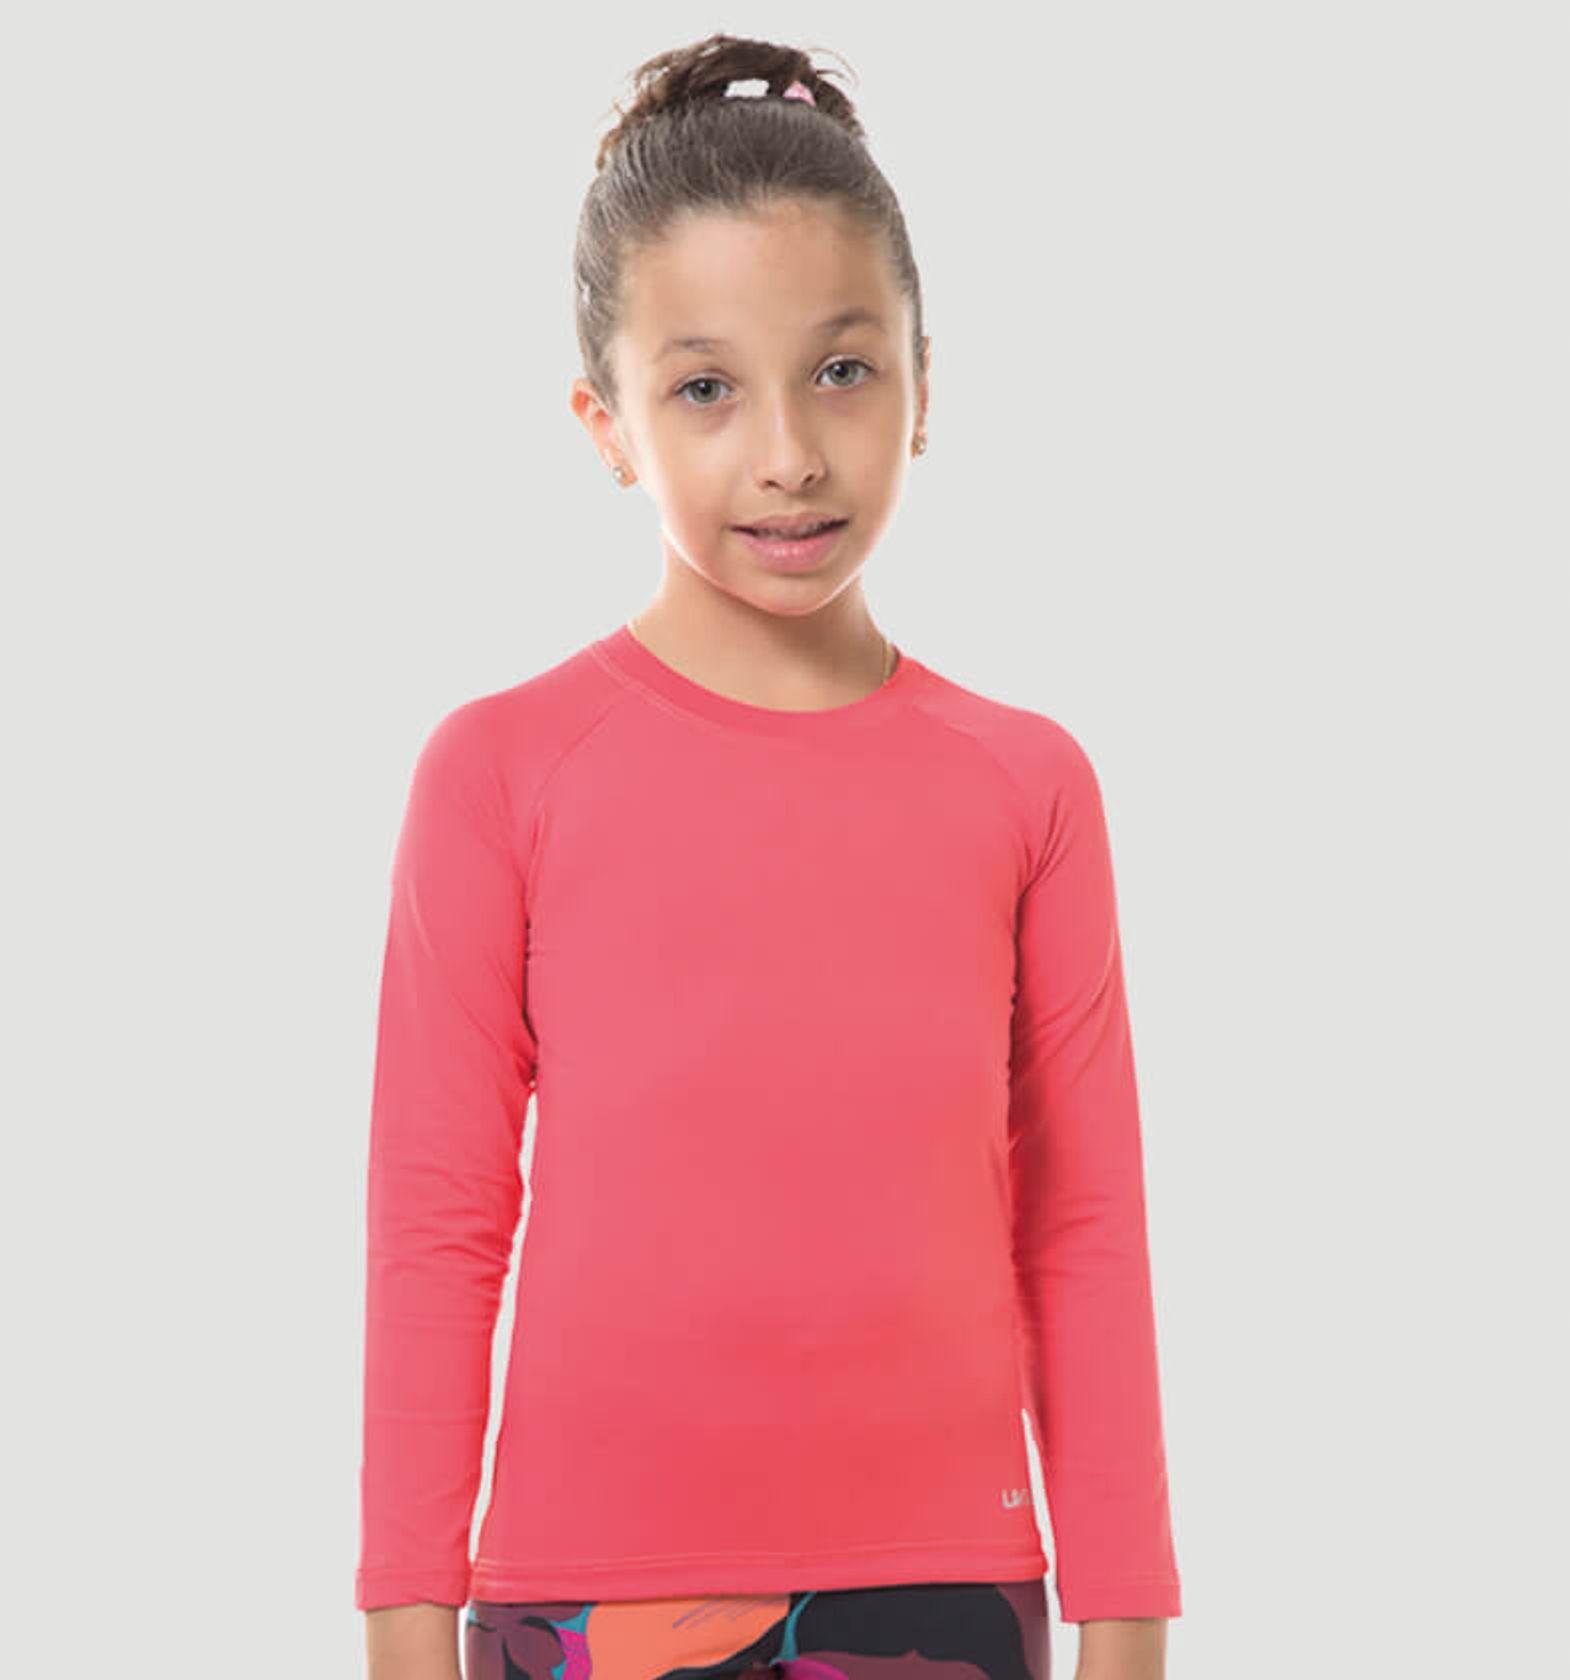 UV LINE Camiseta Repelente ML Infantil Rosa Gloss Prot Solar